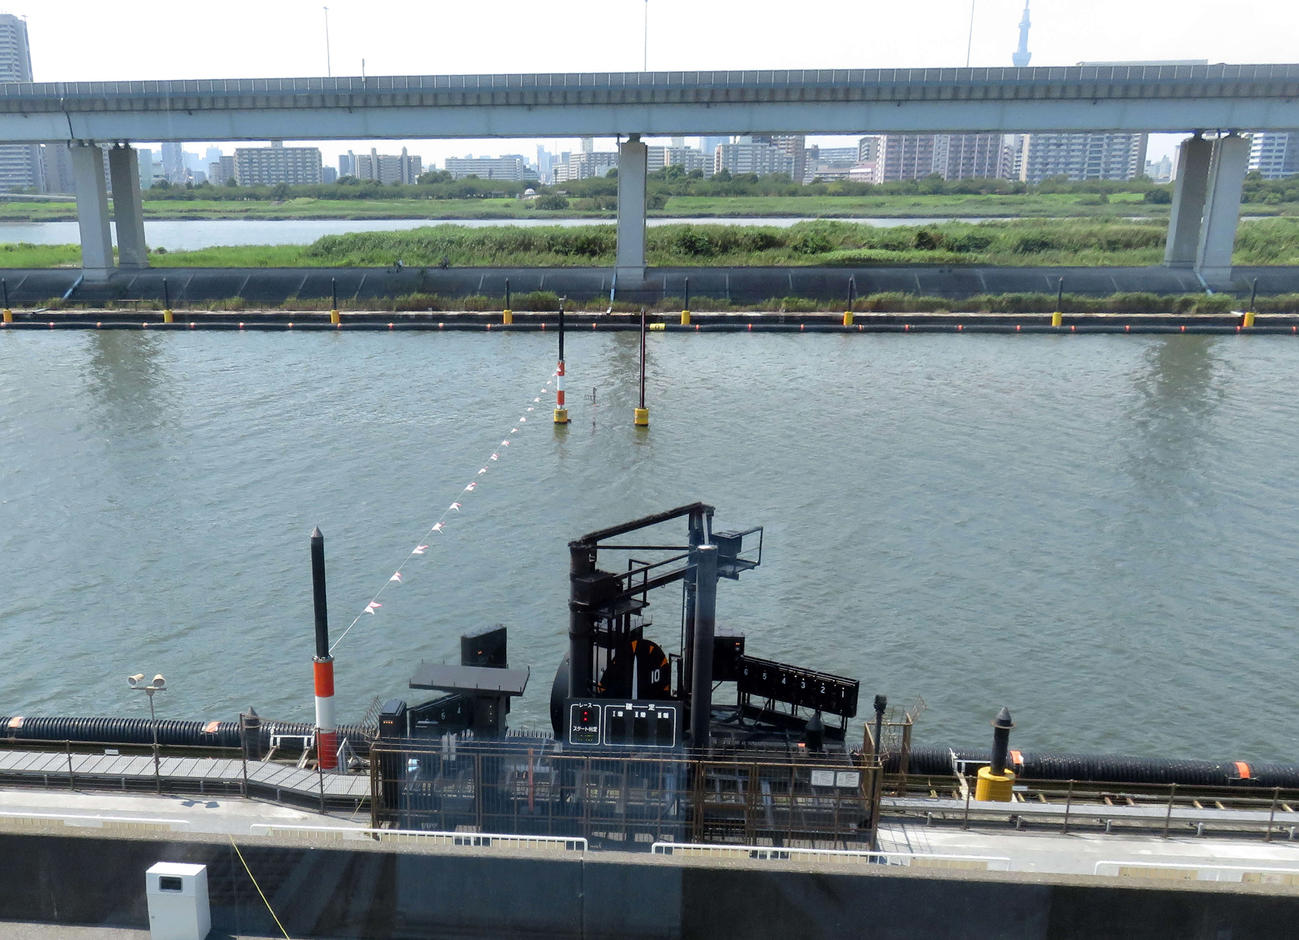 3Rで5艇によるフライングが発生した江戸川ボート(撮影・野島成浩)